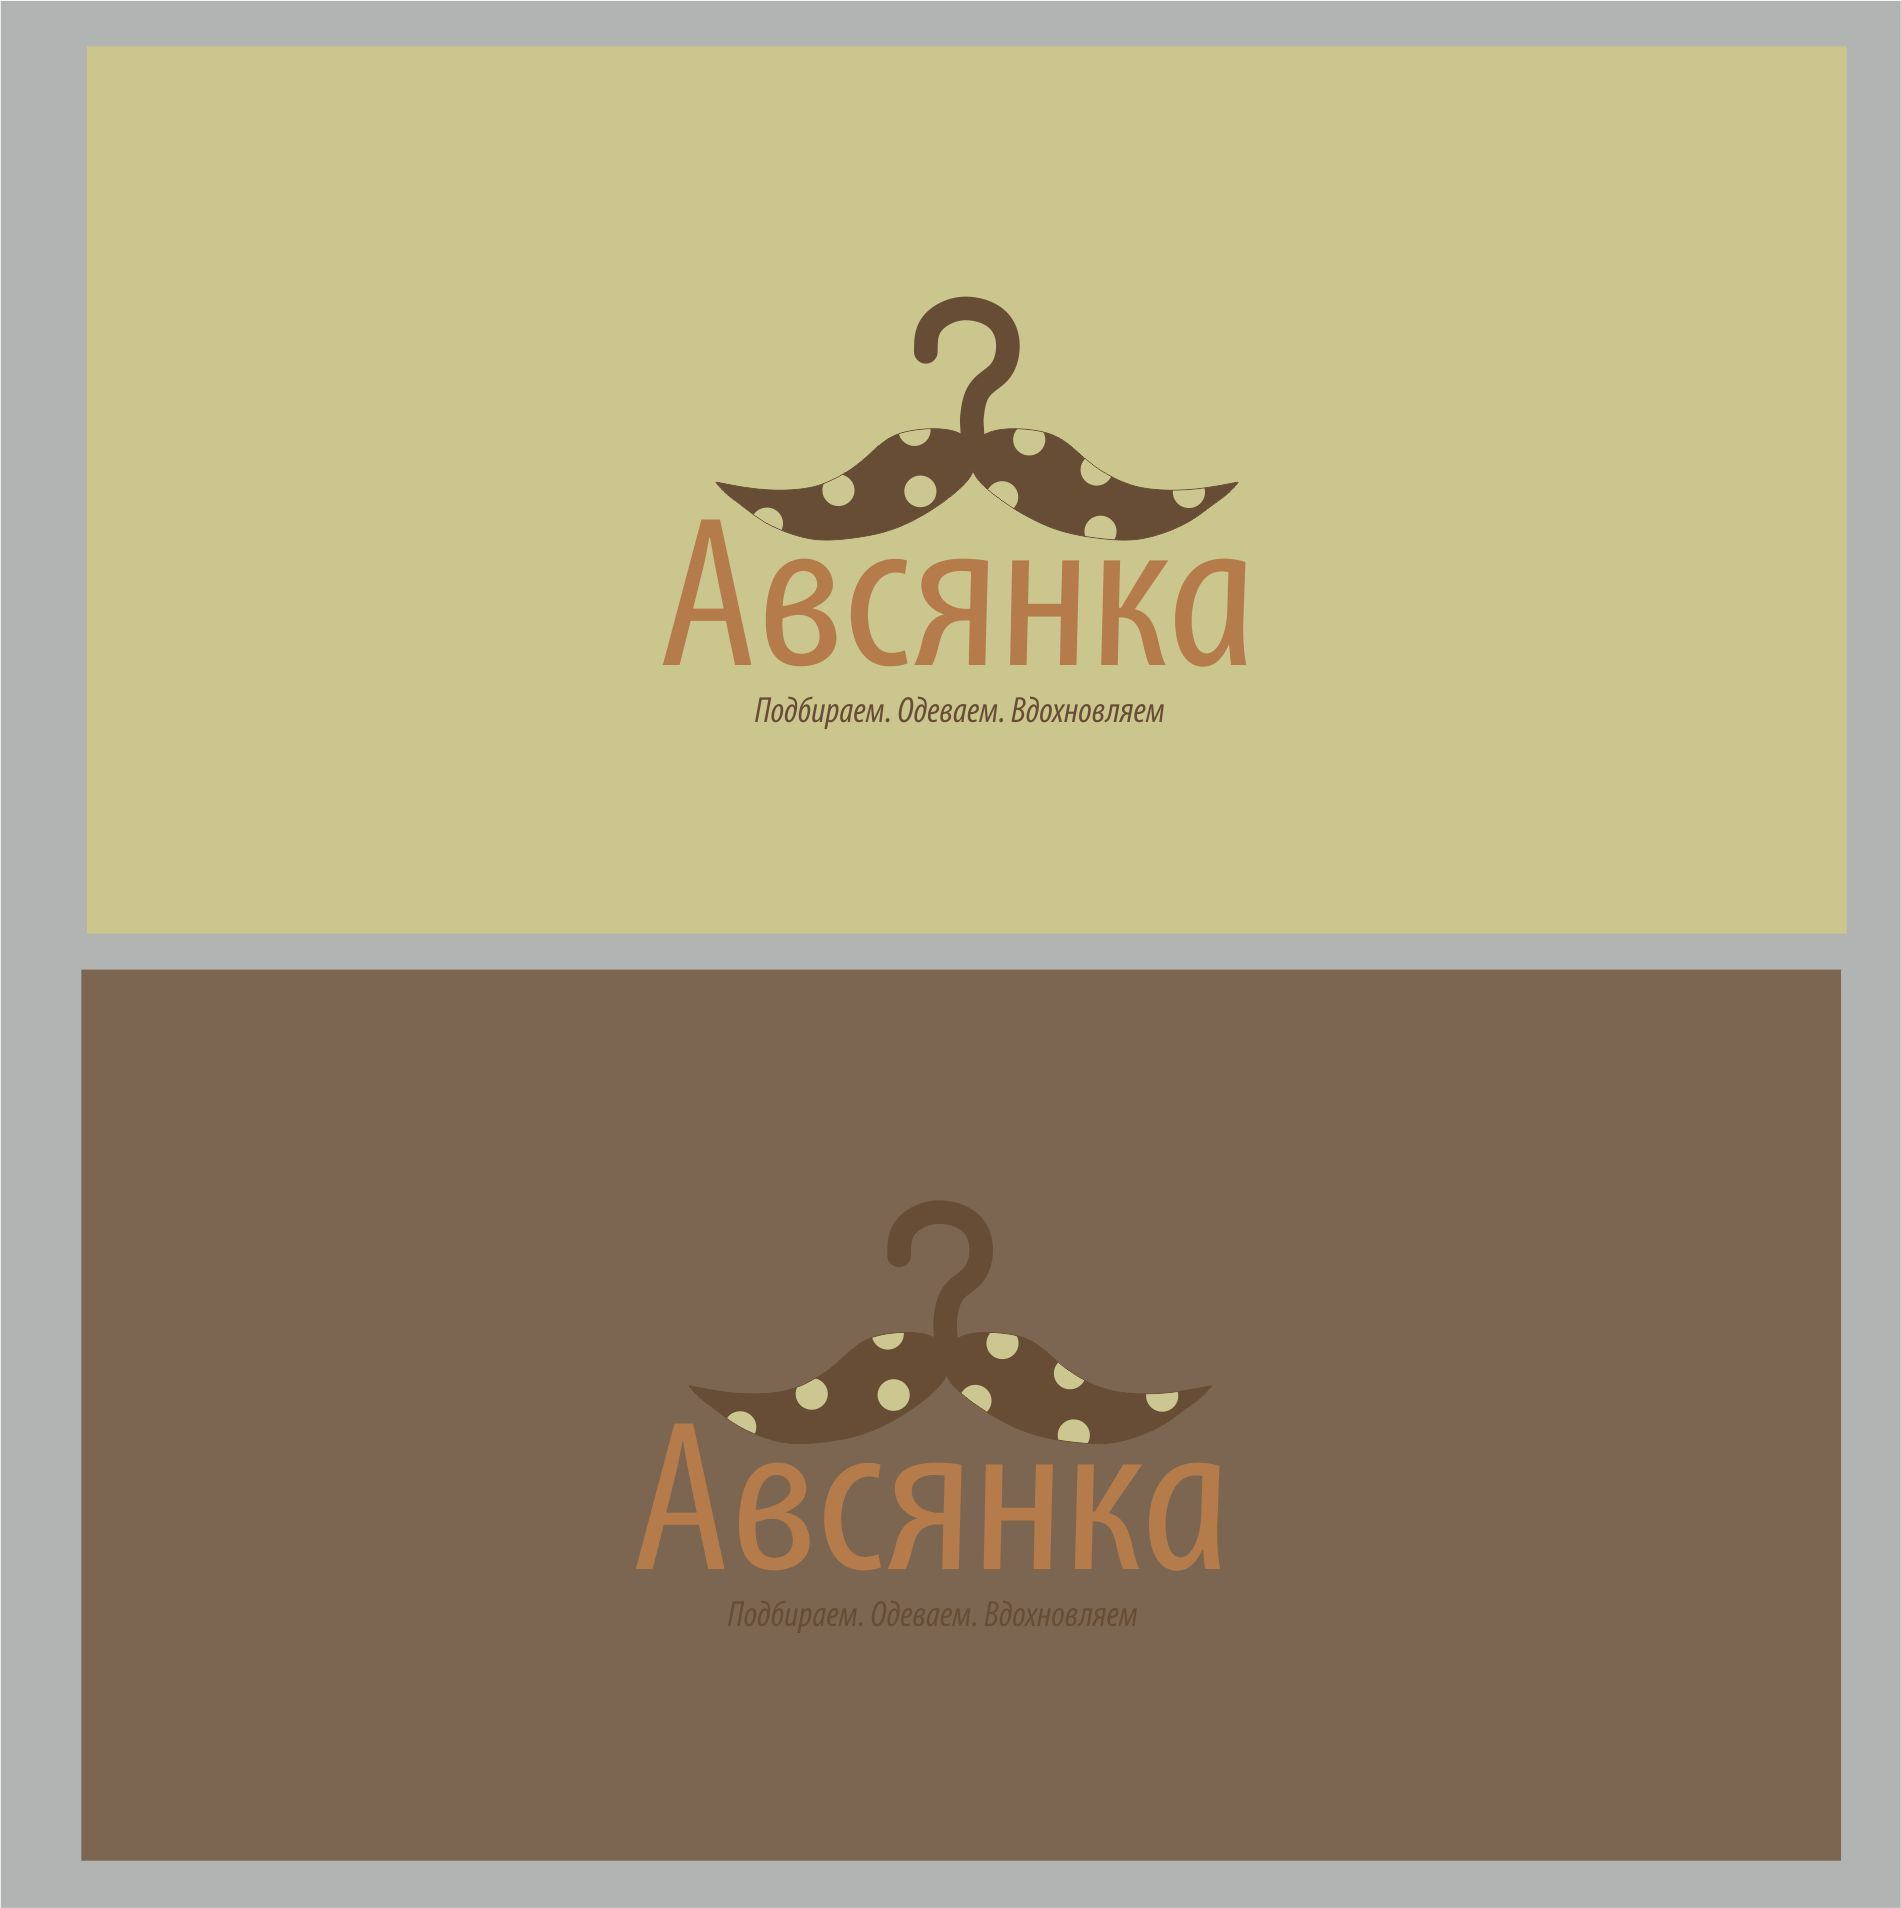 Лого и фирм. стиль для услуг стилистов - дизайнер dbyjuhfl